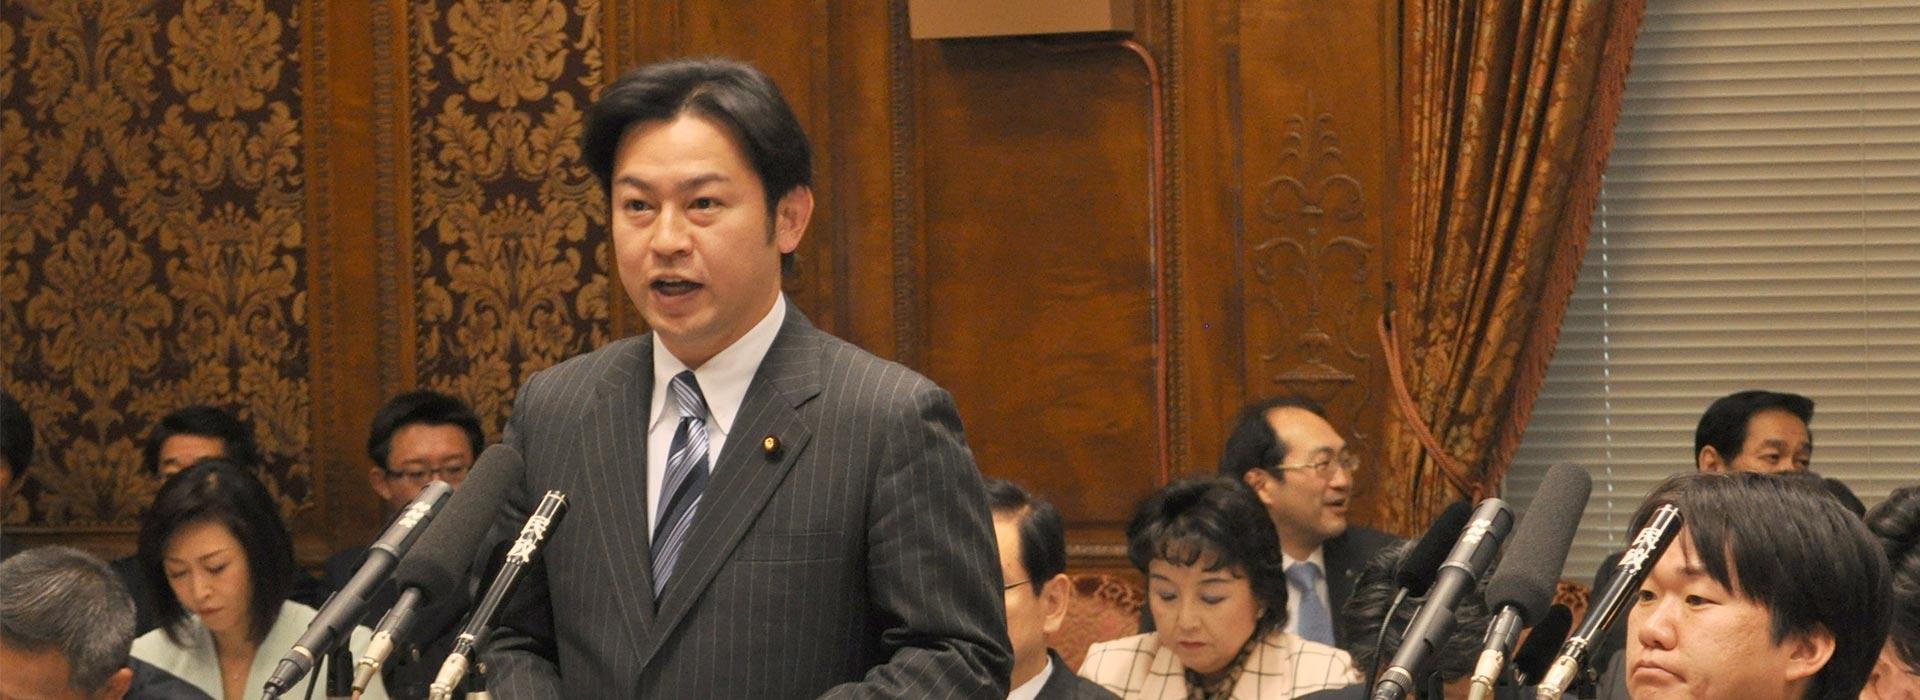 福岡たかまろ 参議院議員